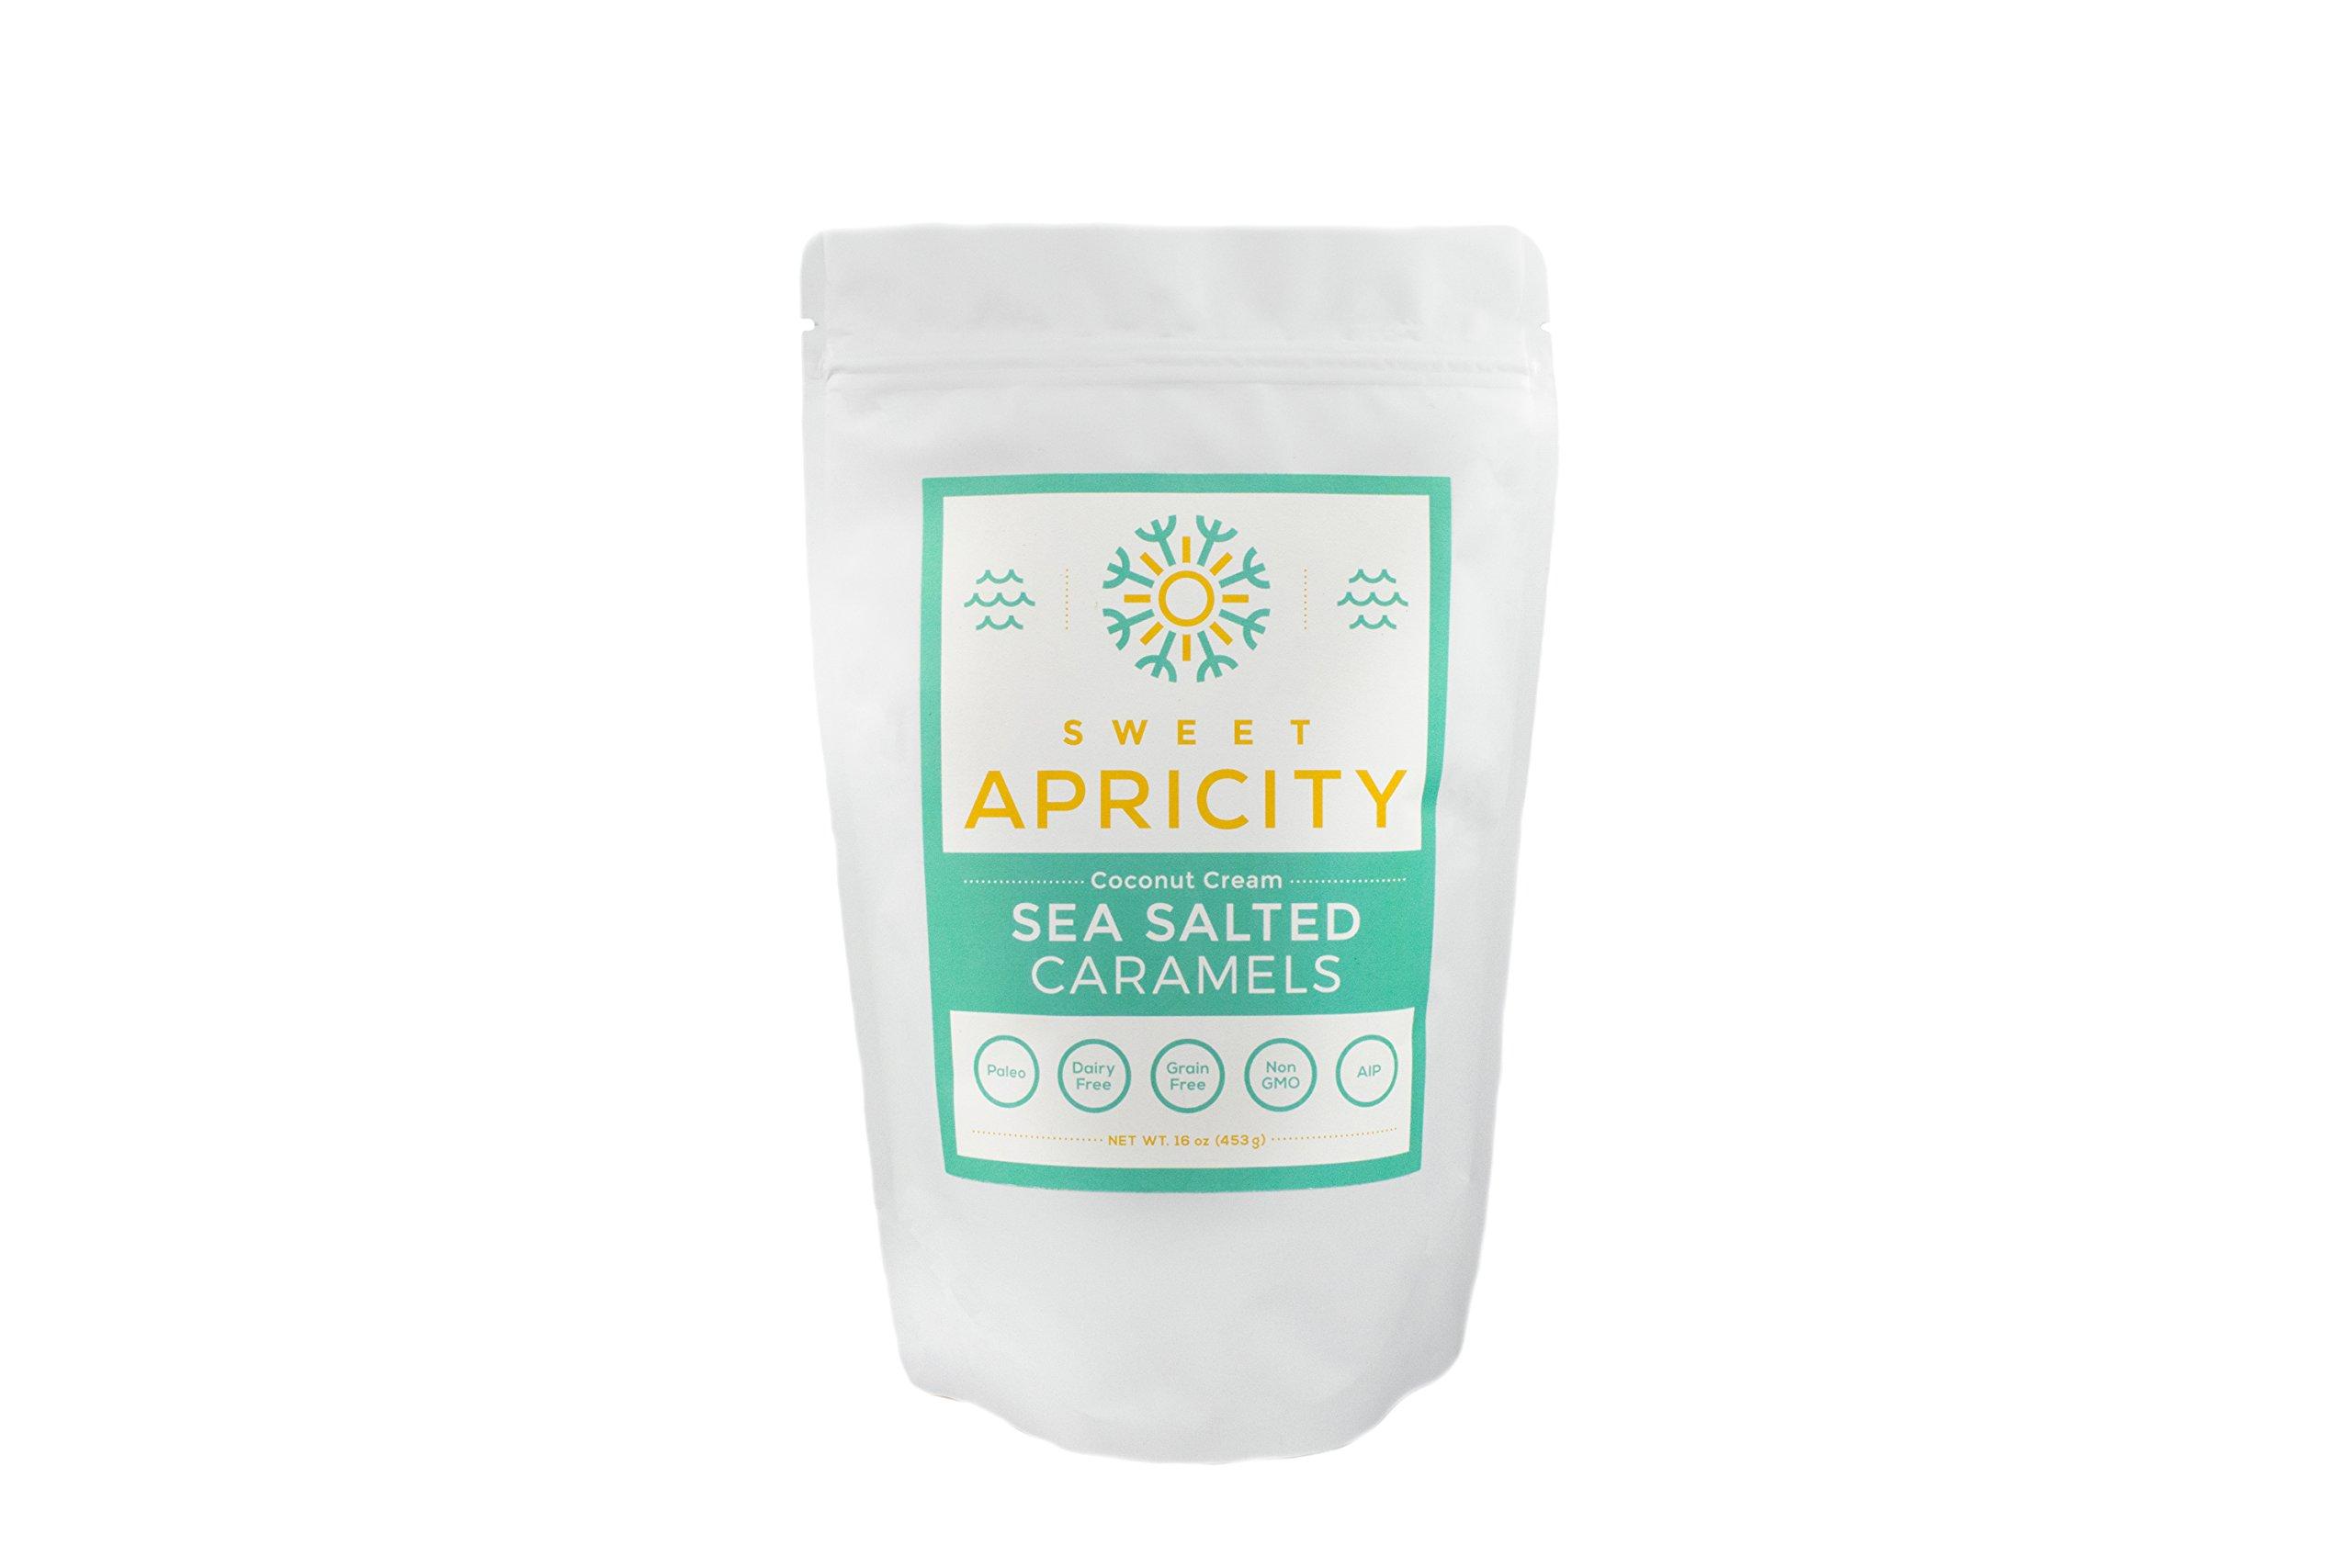 Coconut Cream Sea Salted Caramels, 1 lb (16 oz)